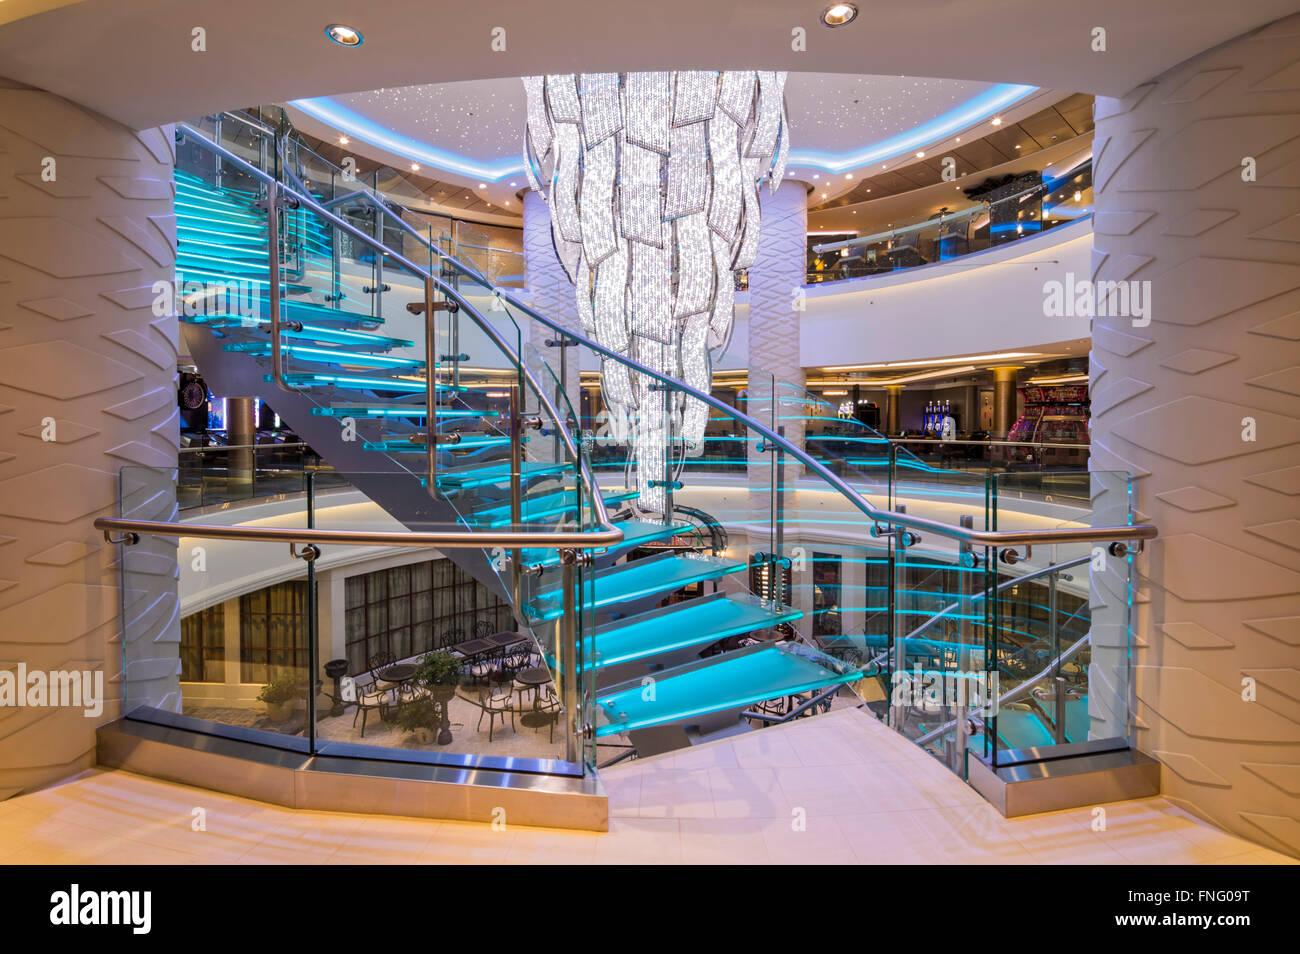 Kronleuchter Mit Farbwechsel ~ Atrium mit farbwechsel treppe kronleuchter und glas norwegian